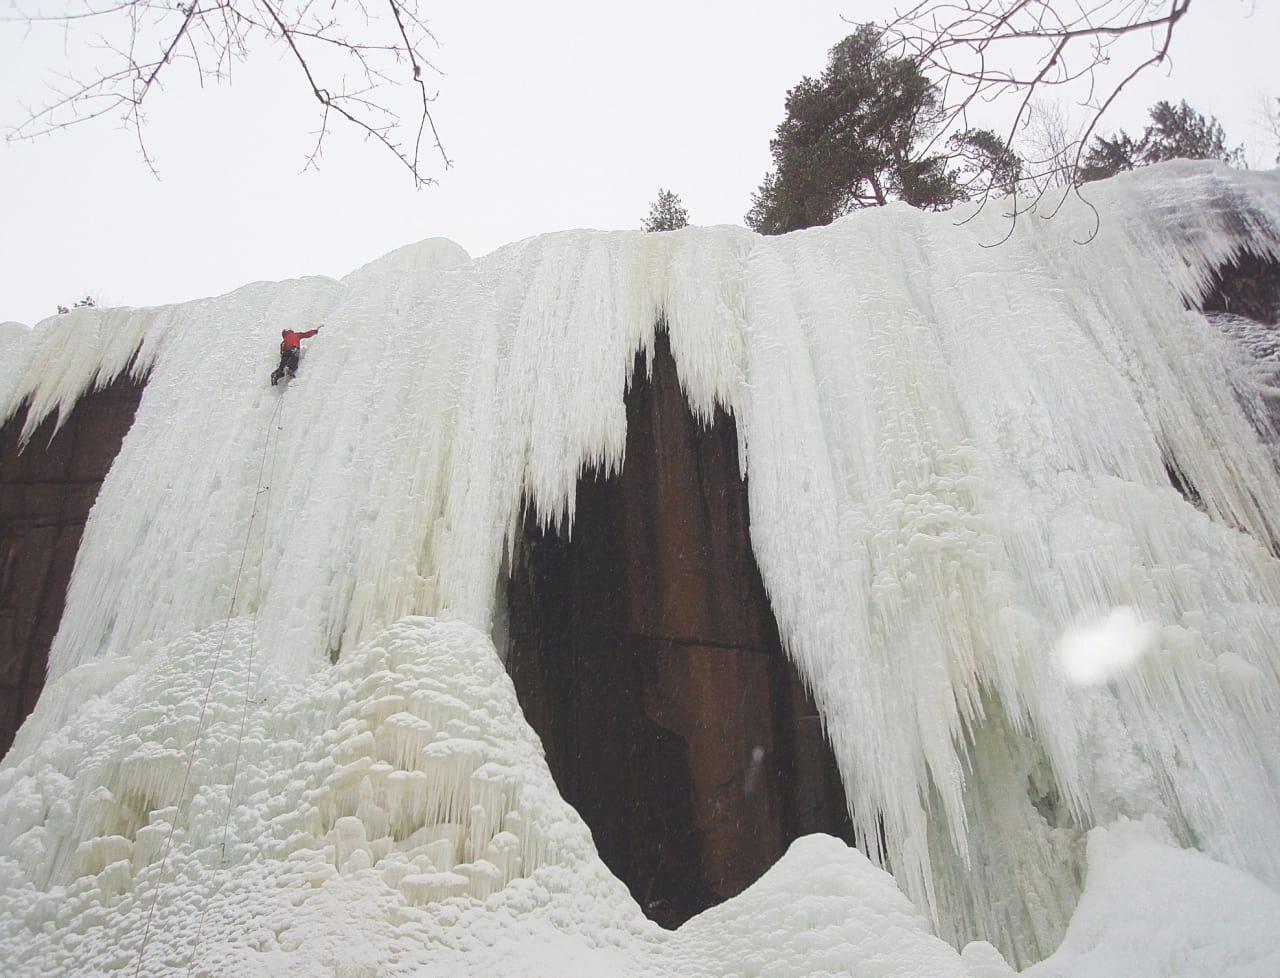 Kjetil Poulsson klatrer Heggedalsisen (WI 5). Foto: Lars Wegge